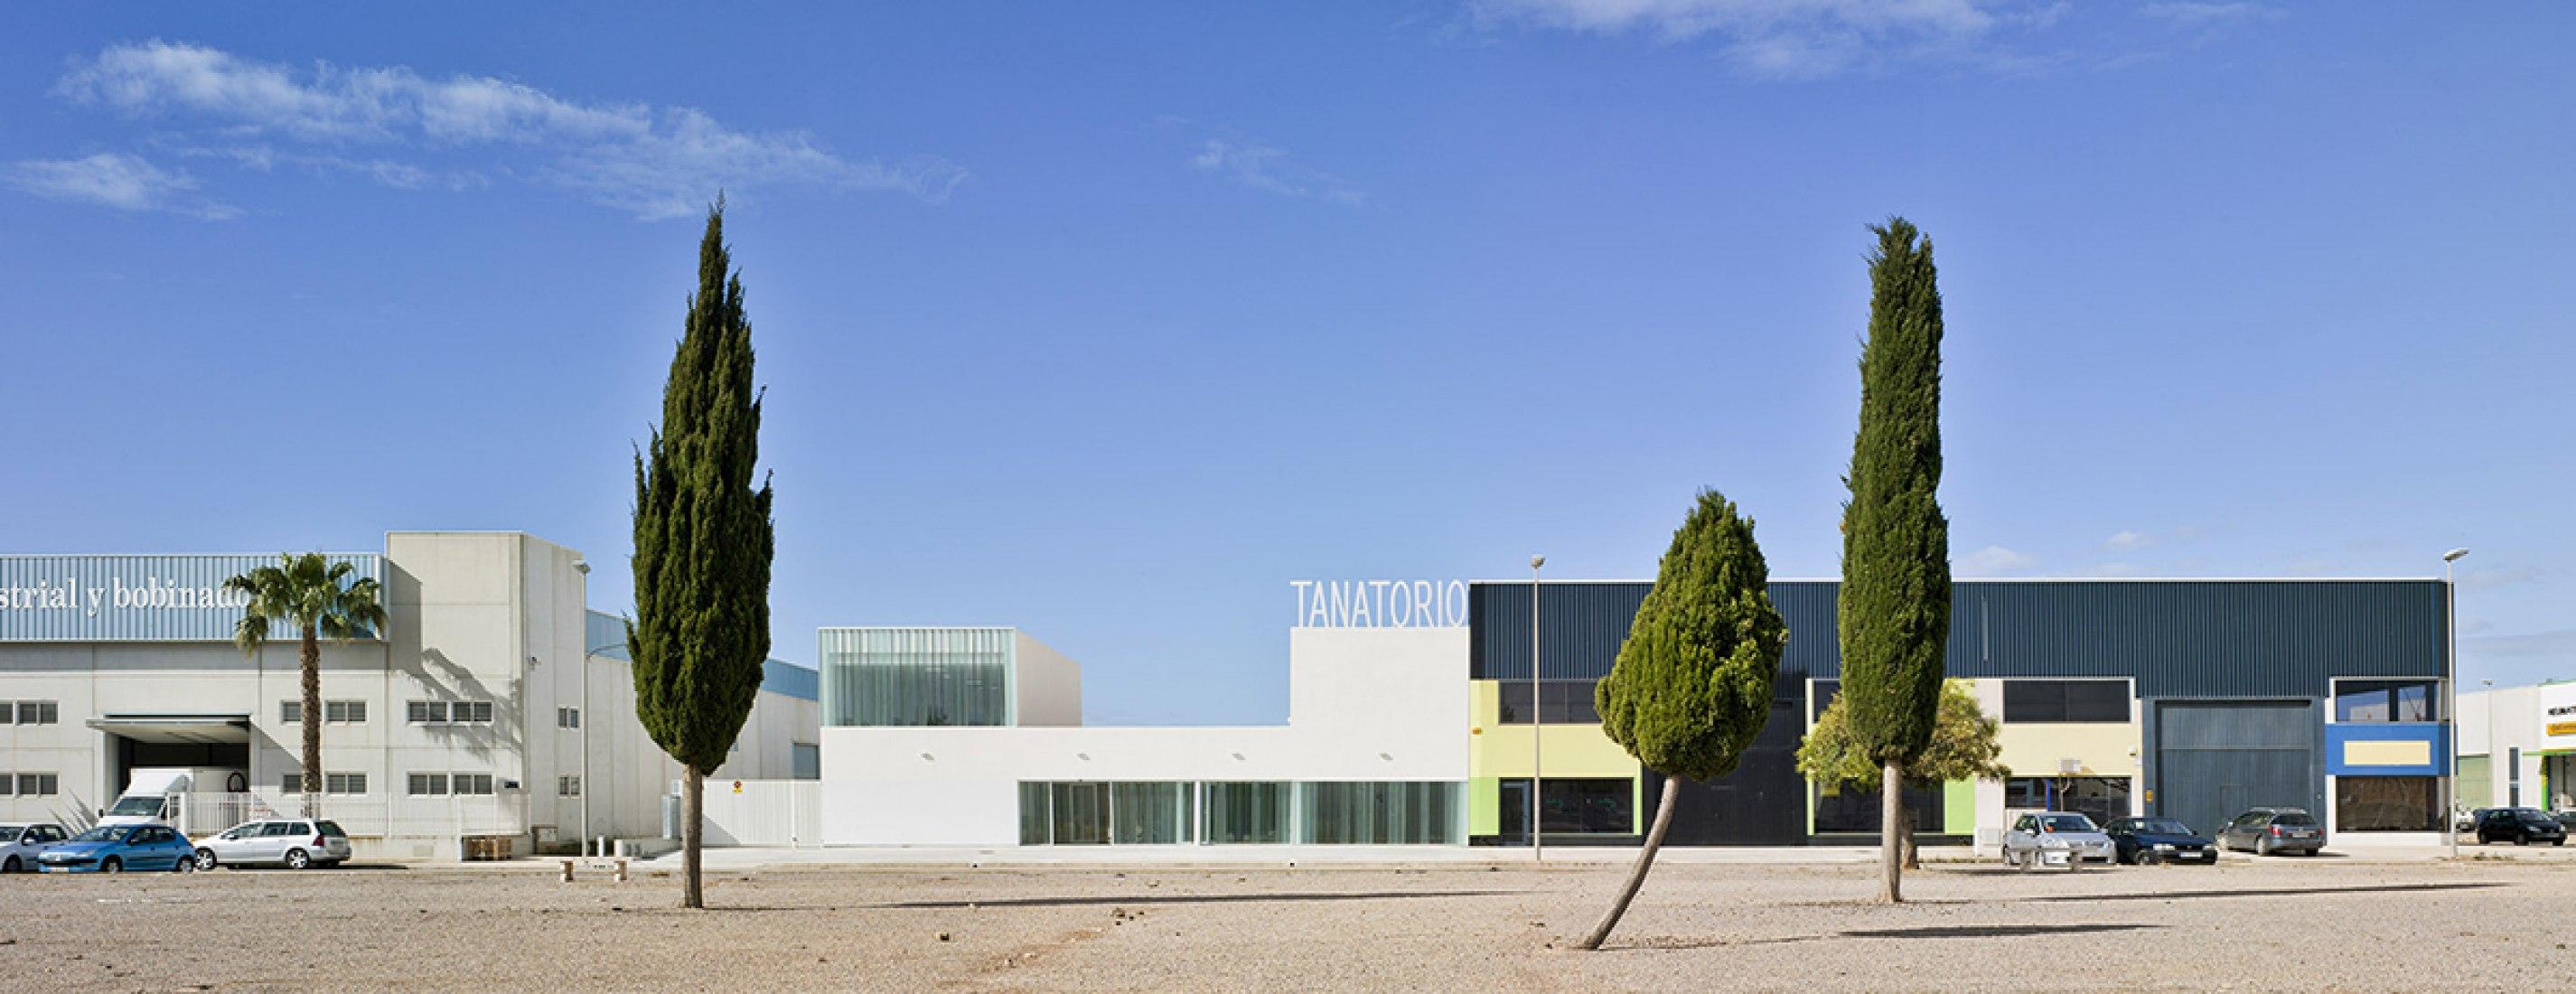 Vista exterior. Fotografía © David Frutos. Cortesía de Martín Lejarraga.